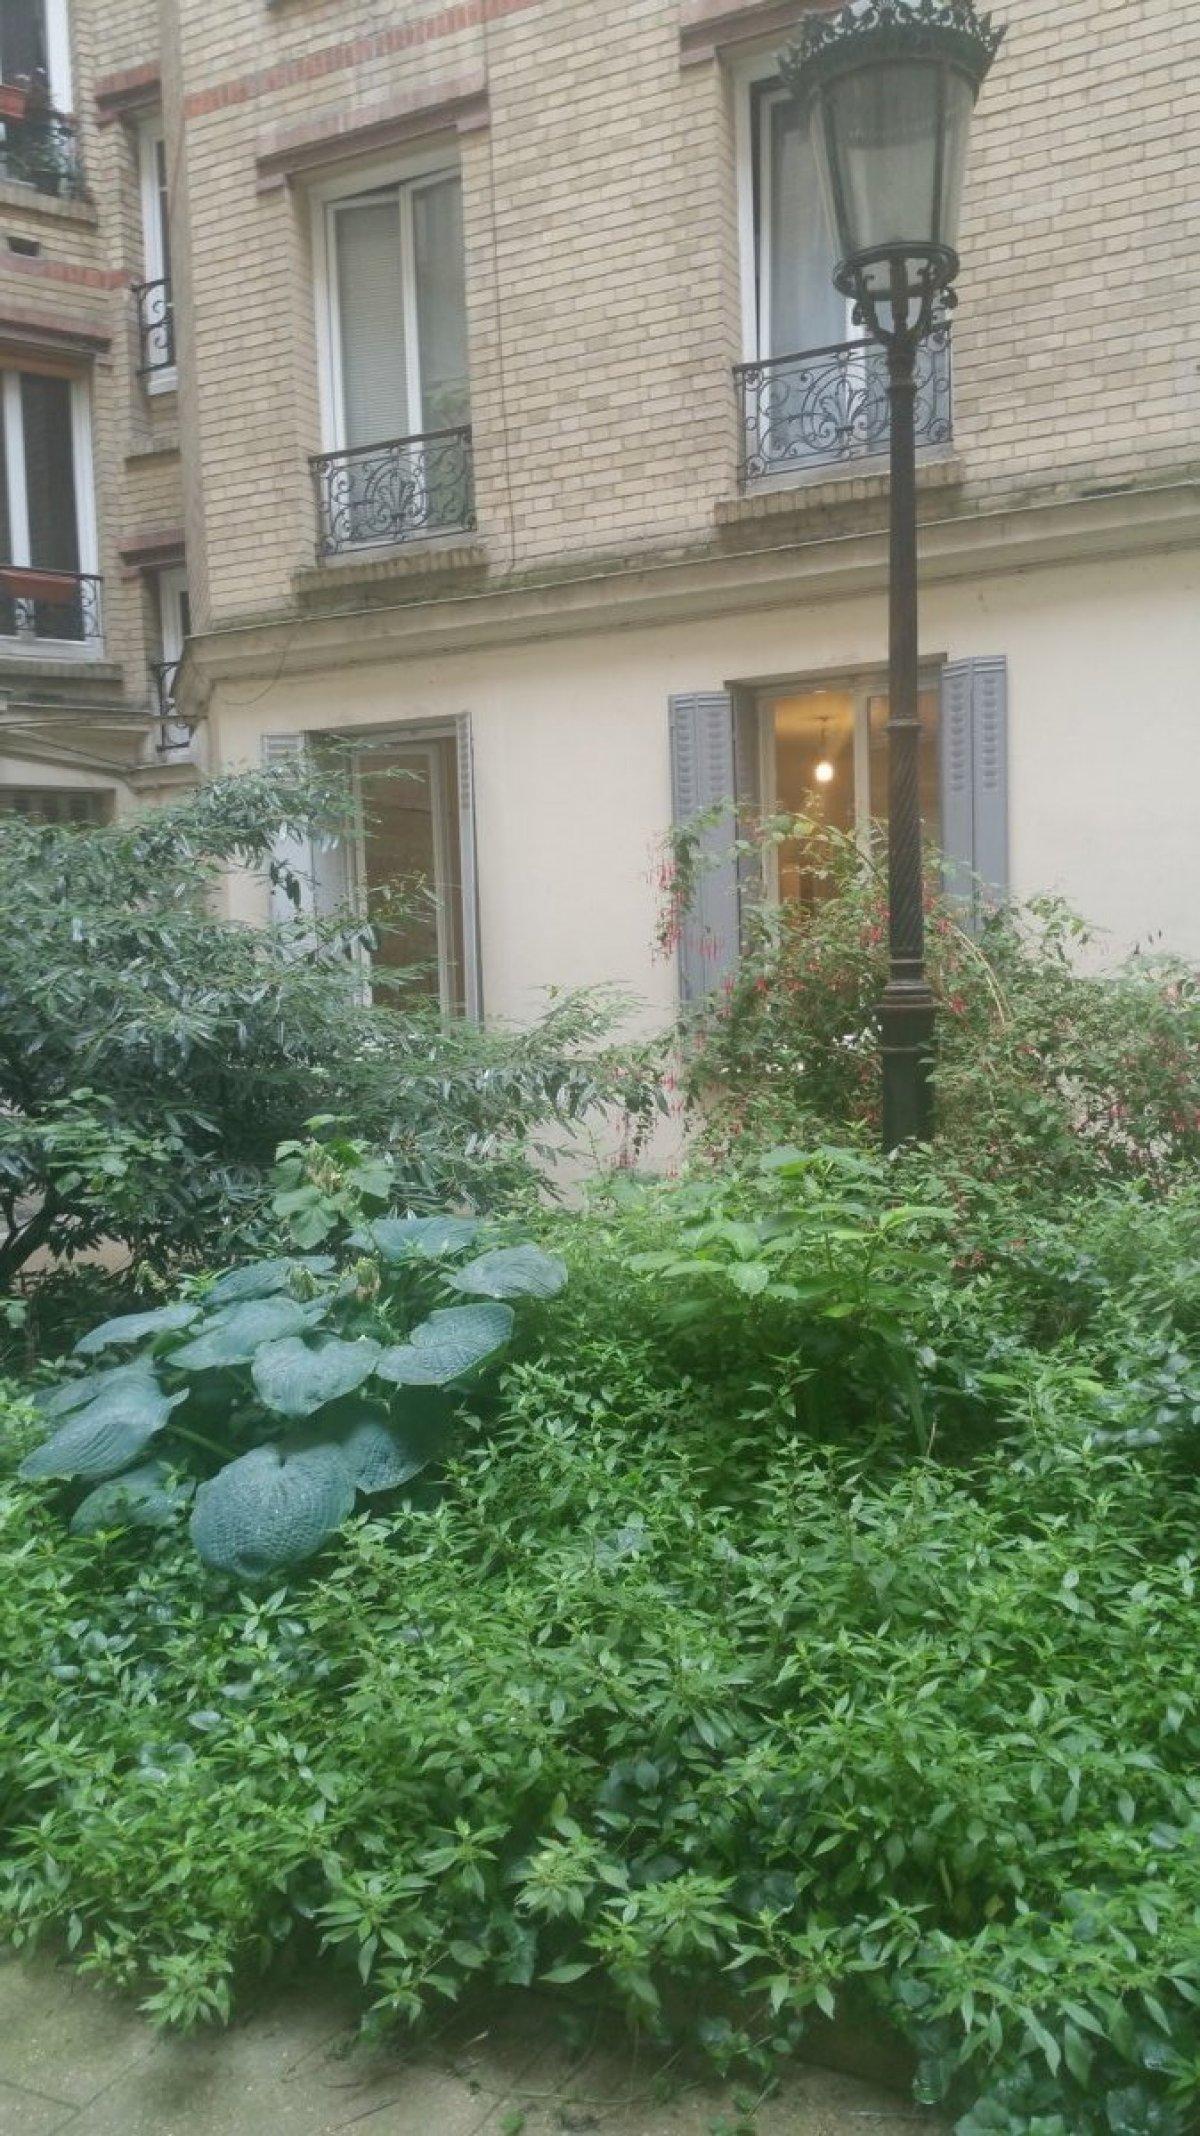 vente 3 pièces de 66 m² env. avec balcon-terrasse 3 pièces f3 t3 - a